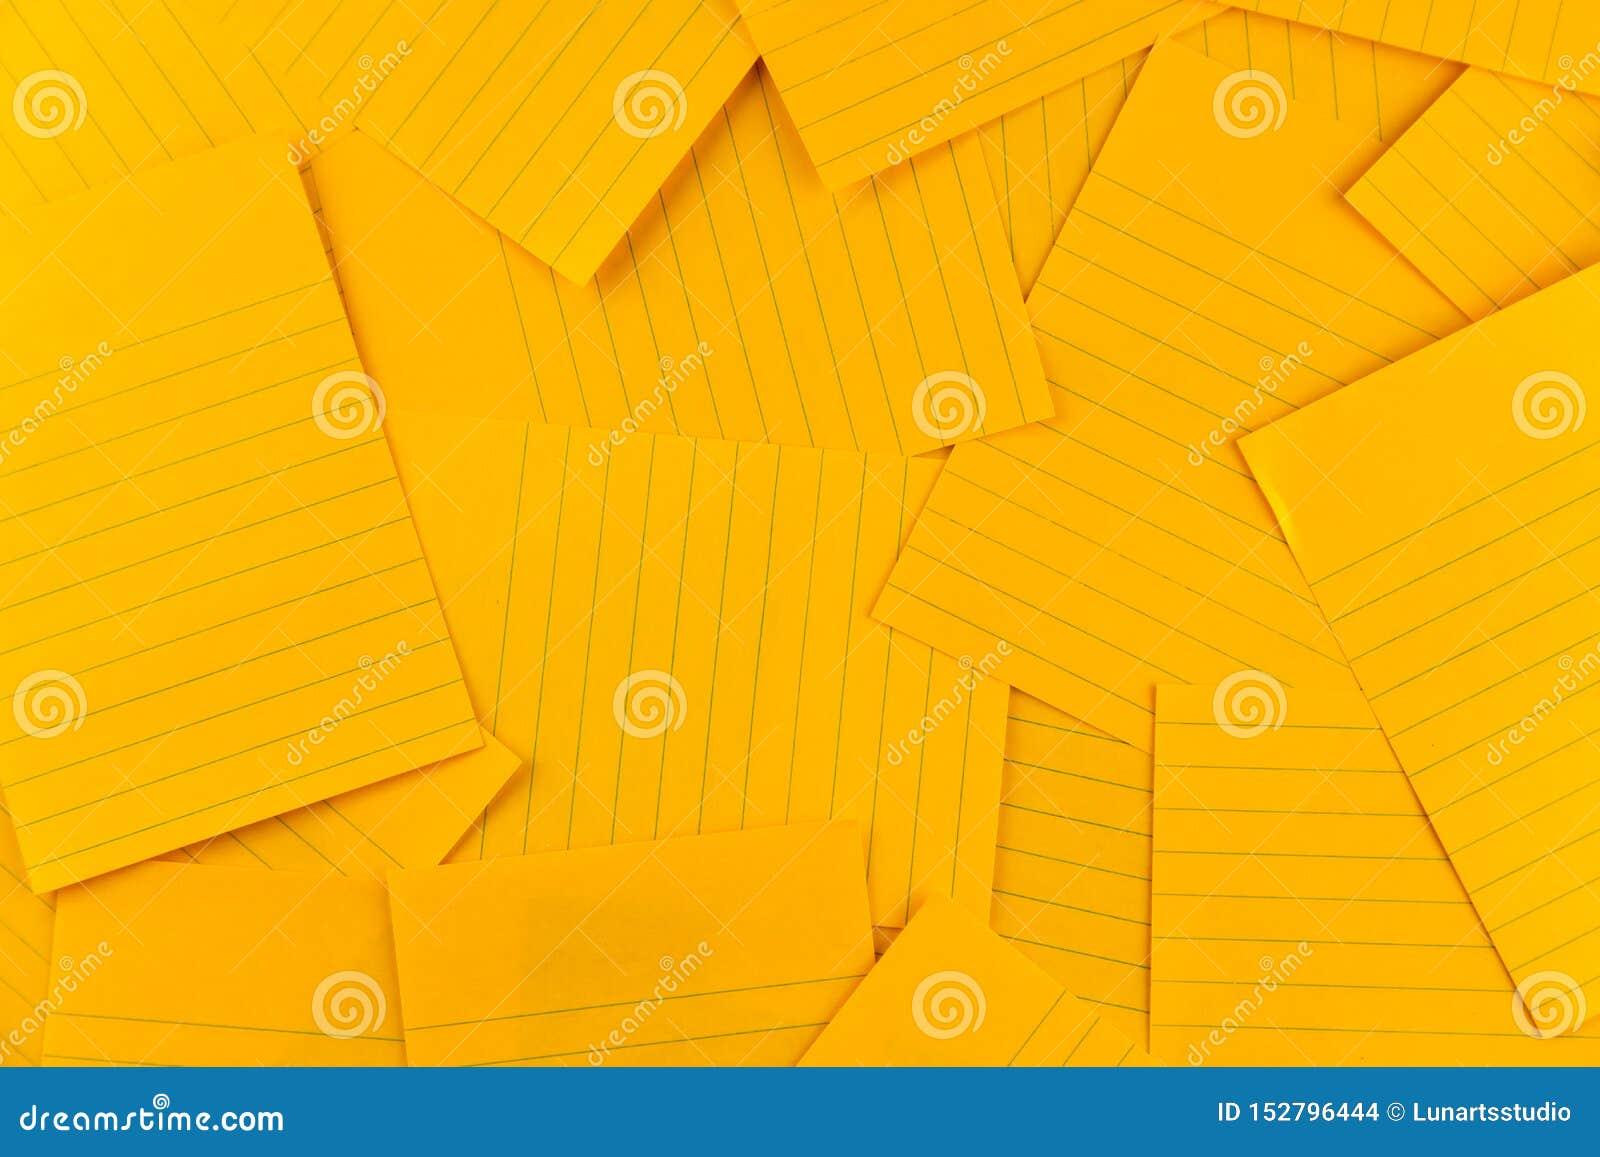 Pila del modelo anaranjado del fondo de la hoja del papel rectangular en blanco, visión superior con el espacio de la copia